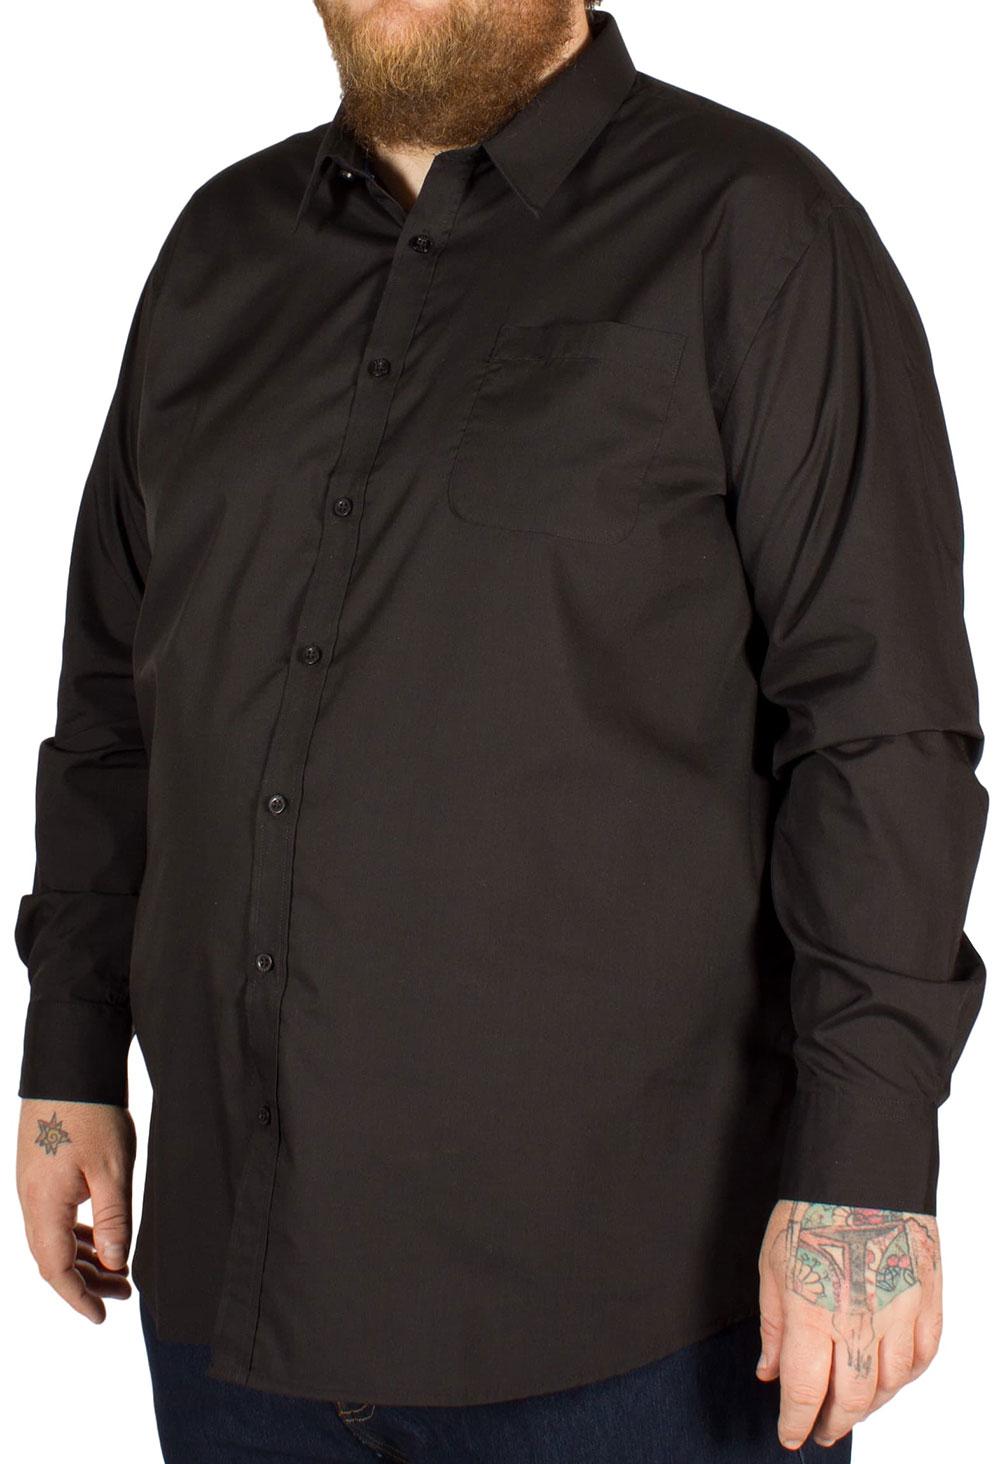 **NEW** Mens Big Size Ed Baxter Designer White Linen Shirt 3XL 4XL 5XL 6XL